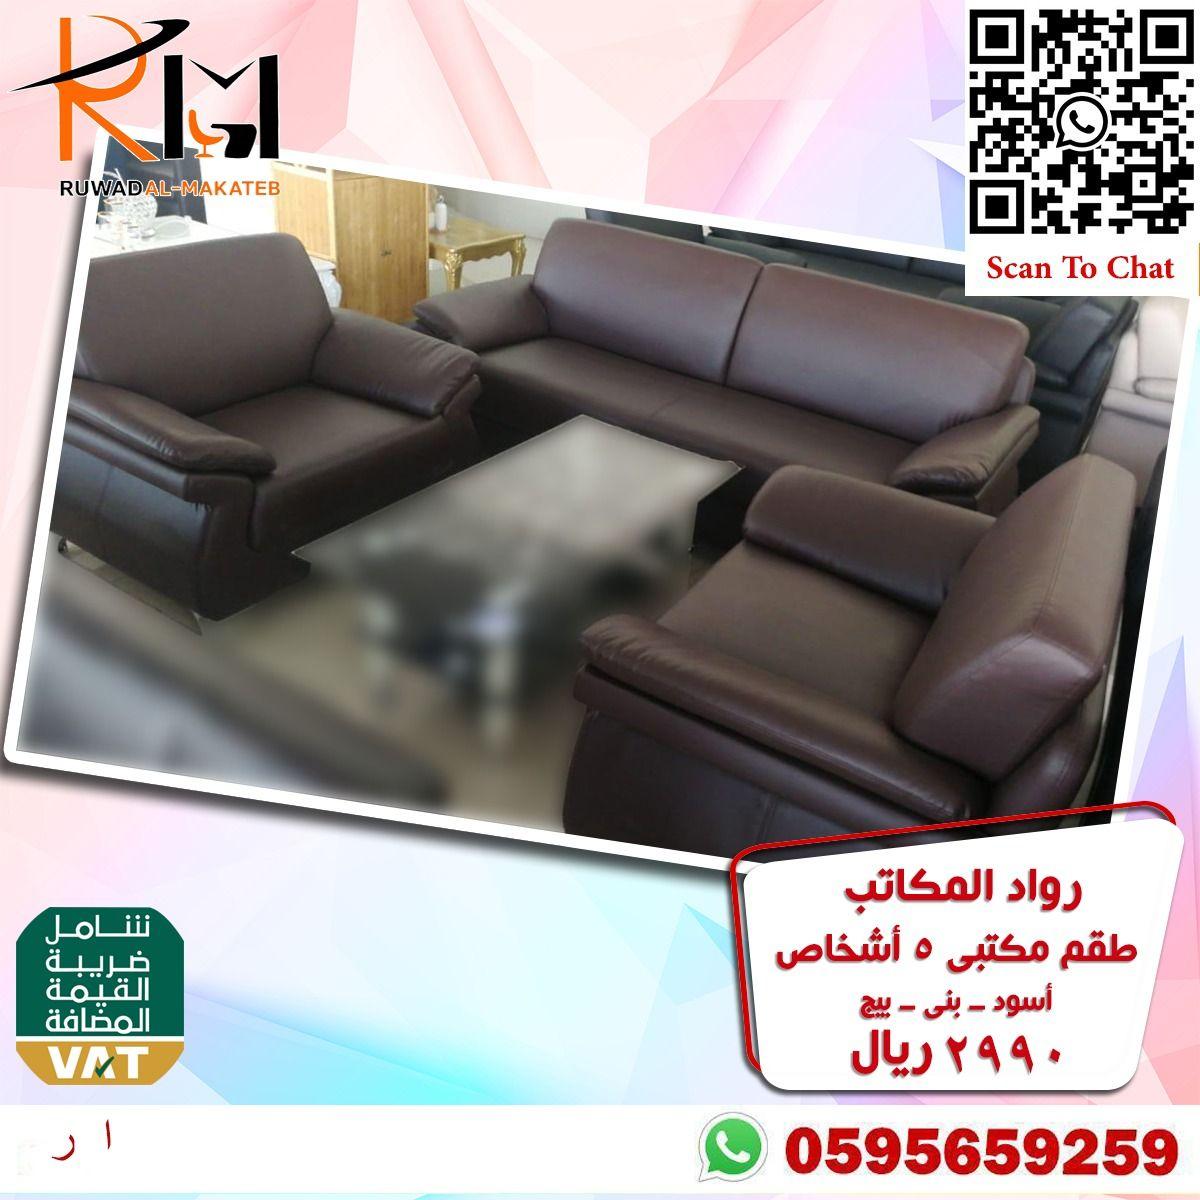 كنب ٥ اشخاص In 2021 Chair Lounge Chair Home Decor